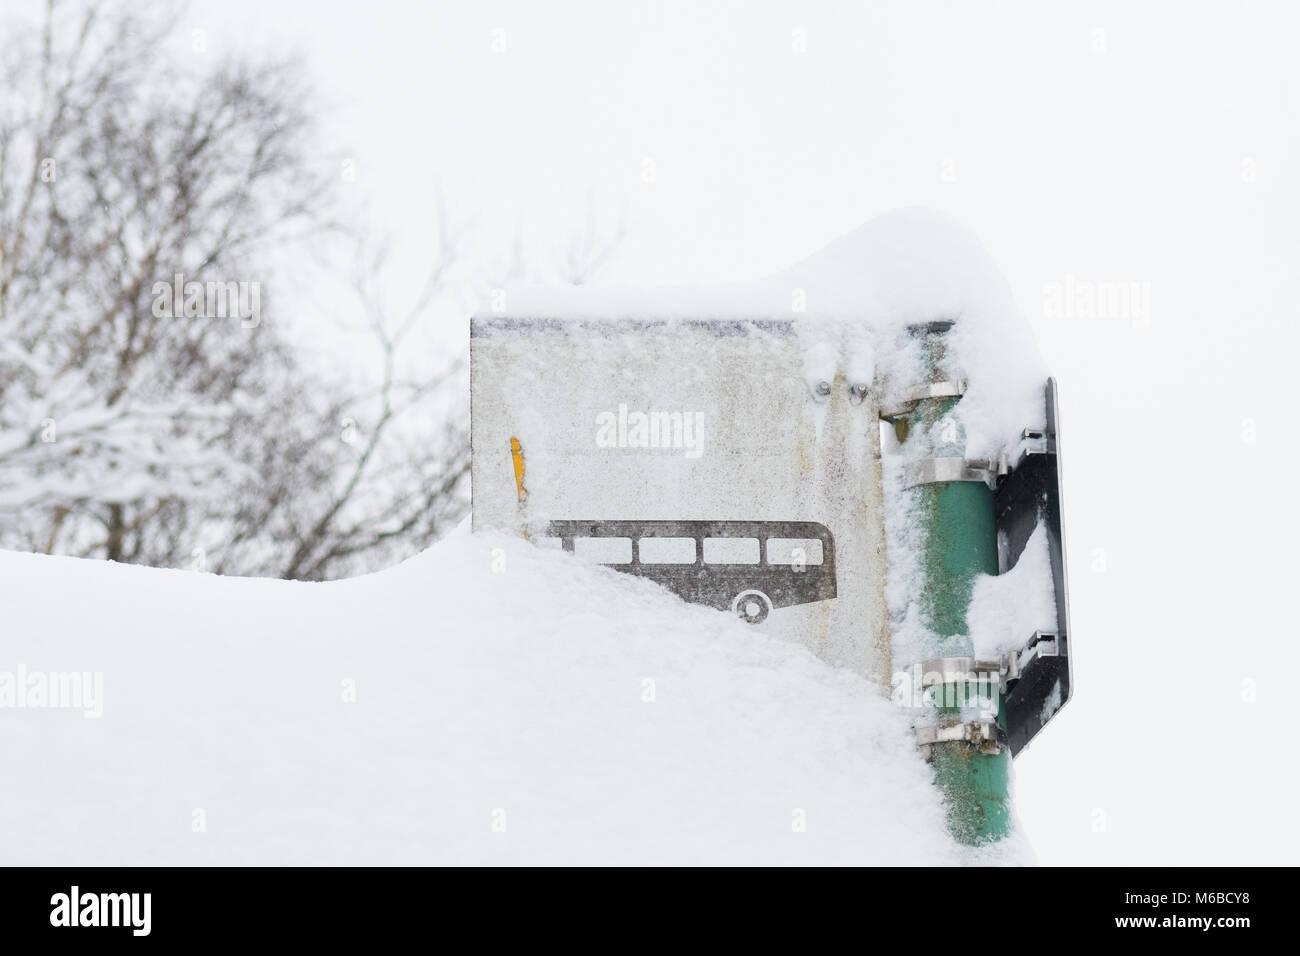 Fermata bus segno ricoperta di neve - trasporto pubblico nel concetto di inverno - Scozia, Regno Unito Immagini Stock